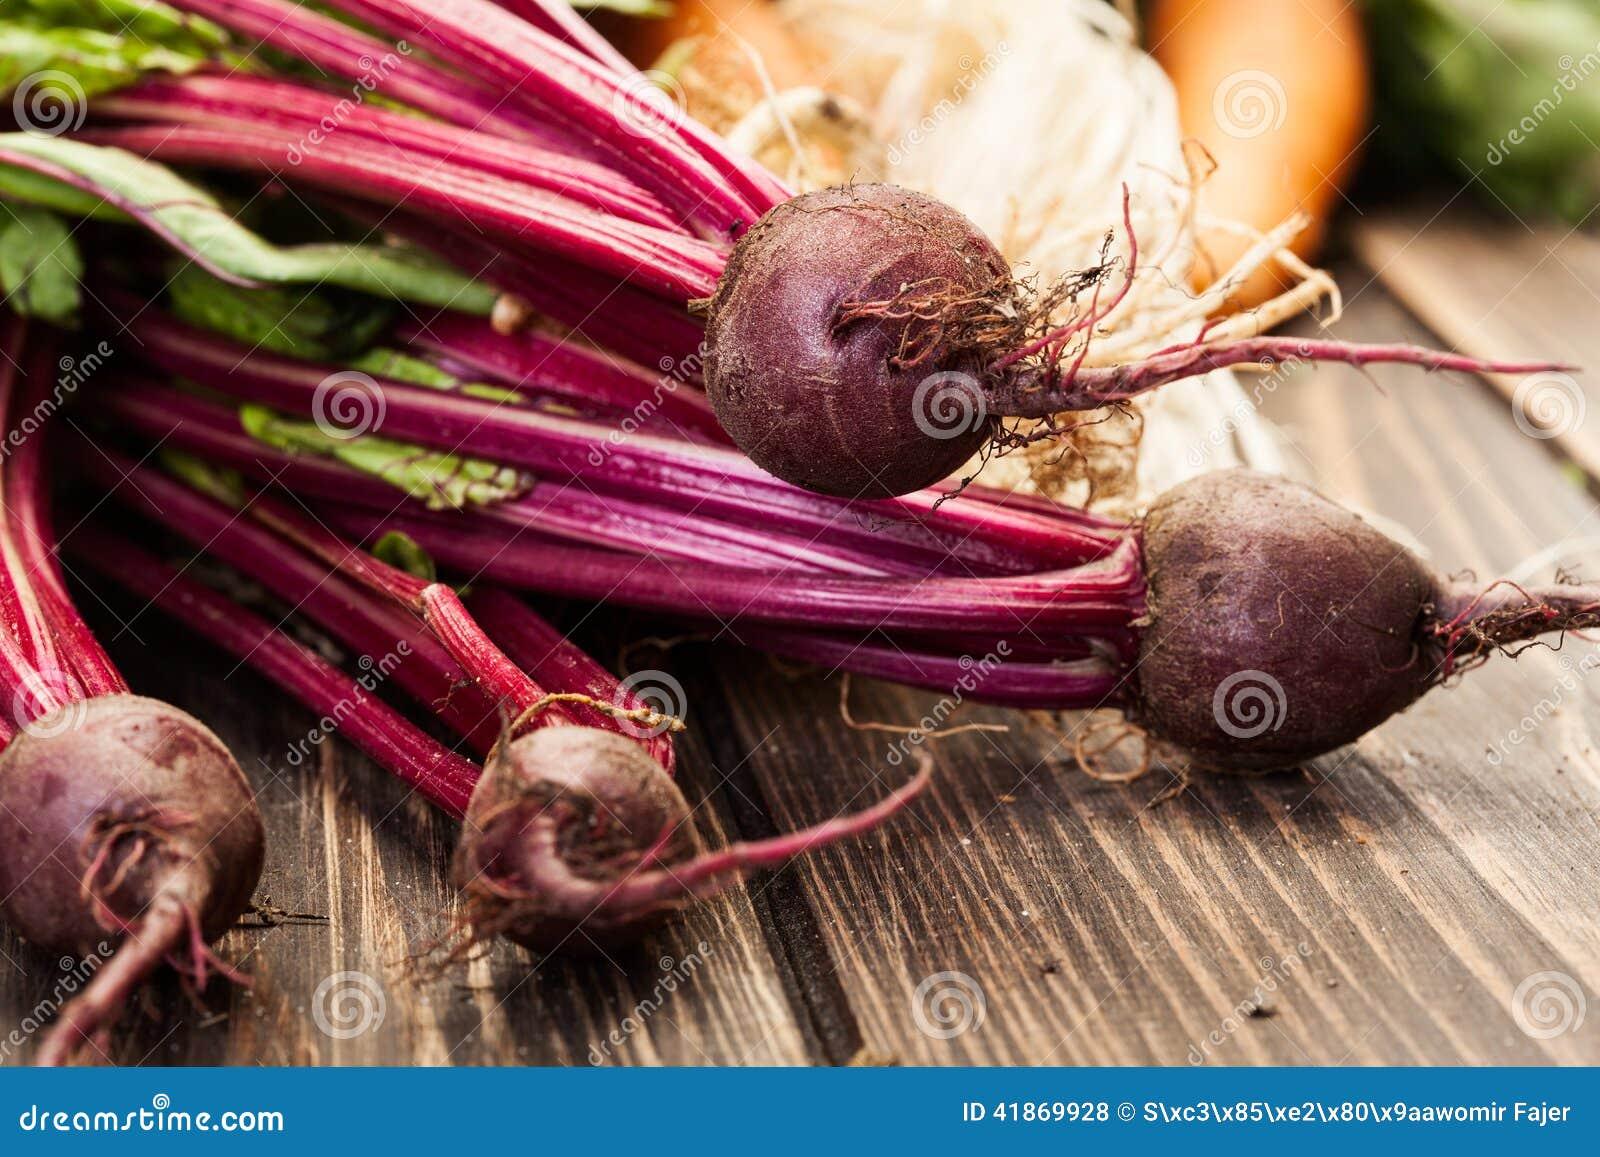 Remolachas, zanahorias y puerro